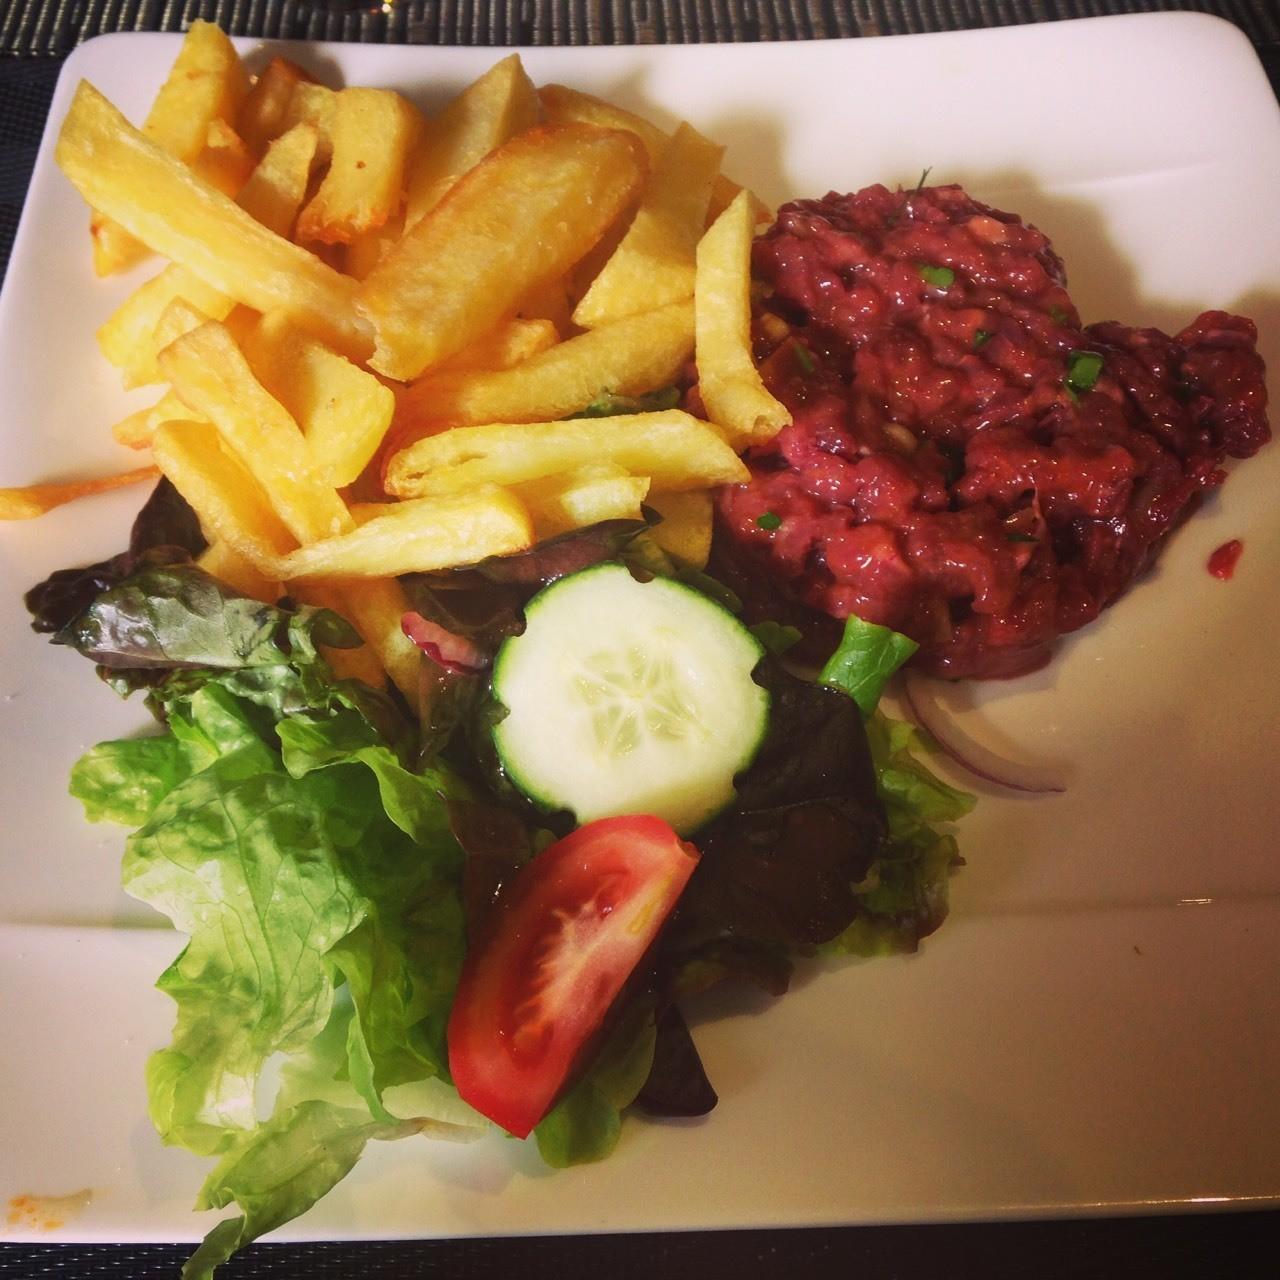 巴黎🇫🇷最好玩的一餐,牛排虽然生,味道却调理得恰到好处,口感也很有嚼劲,超棒~